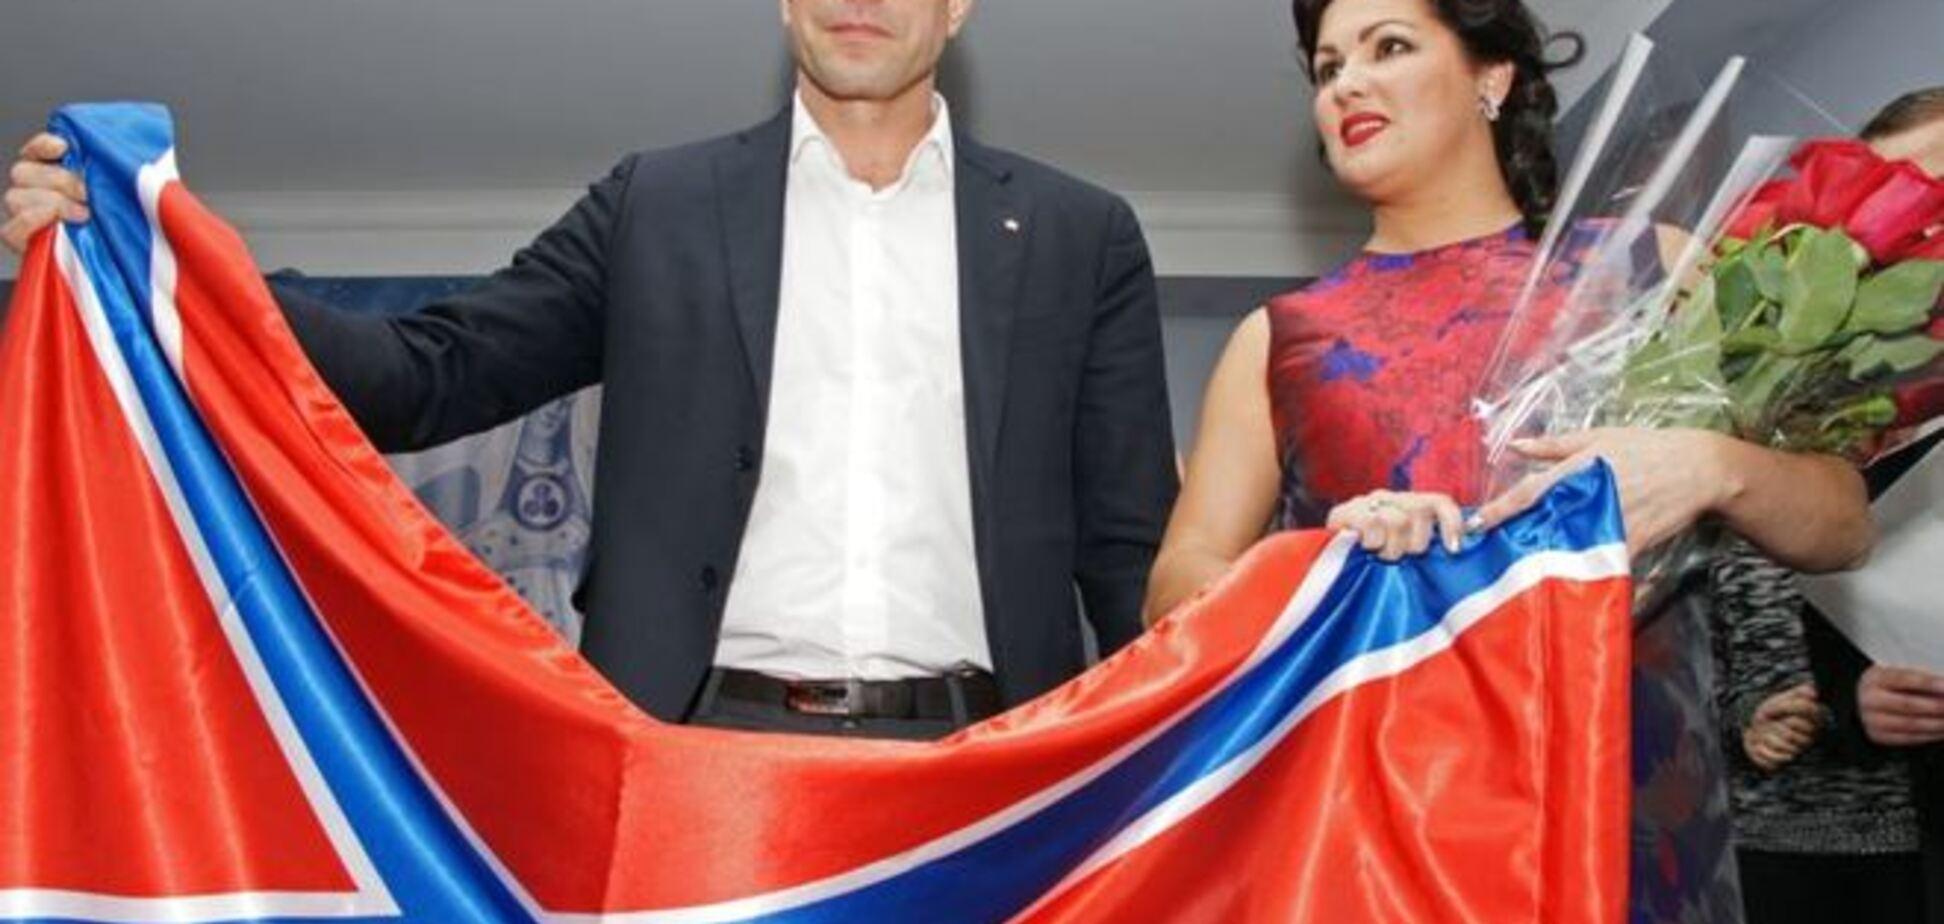 В ЄС зажадали позбавити Нетребко громадянства Австрії через підтримку 'Новоросії'